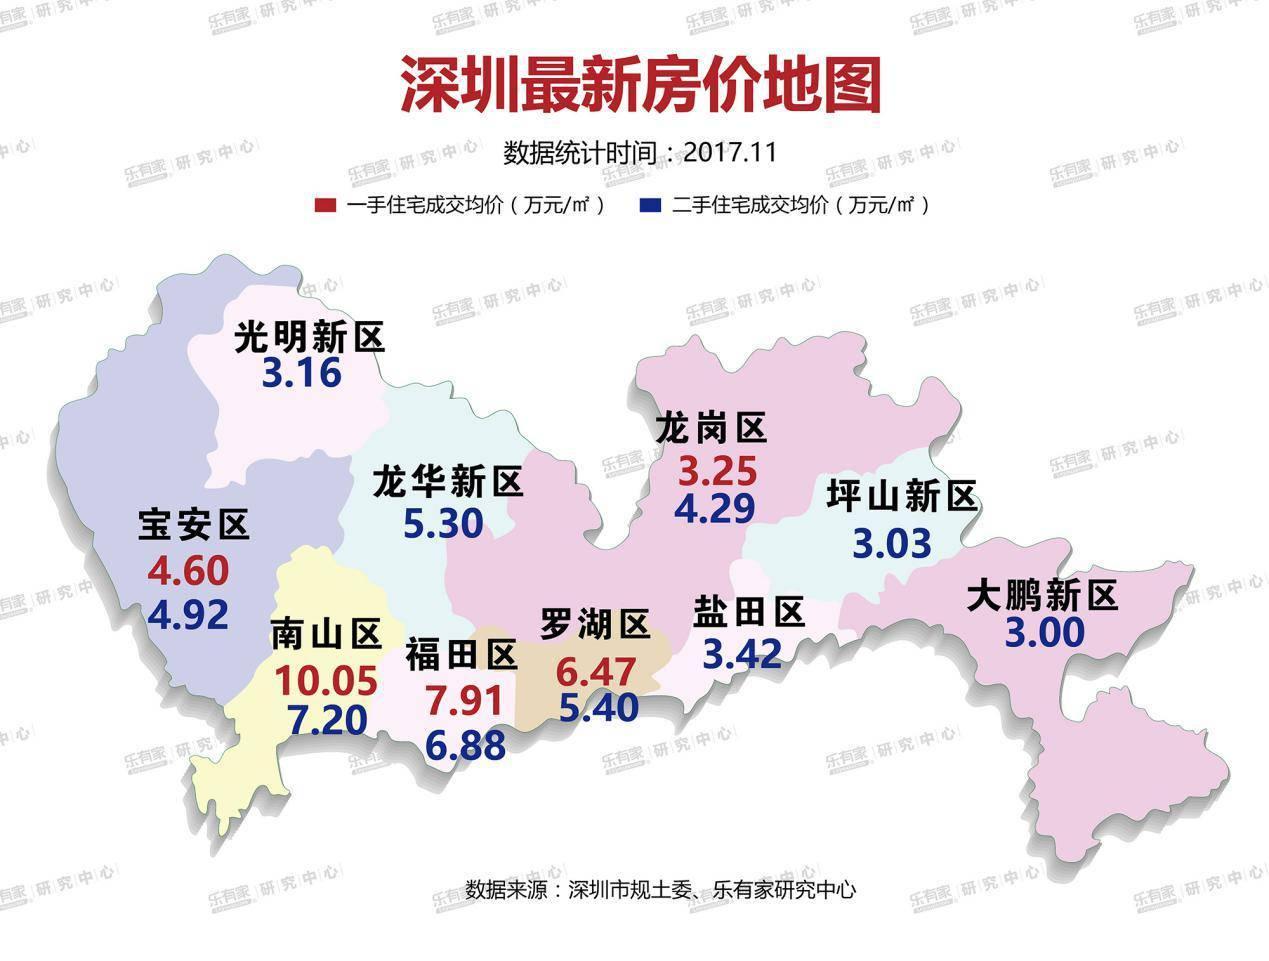 深圳 东莞 惠州 中山房价地图曝光!看看你还买的